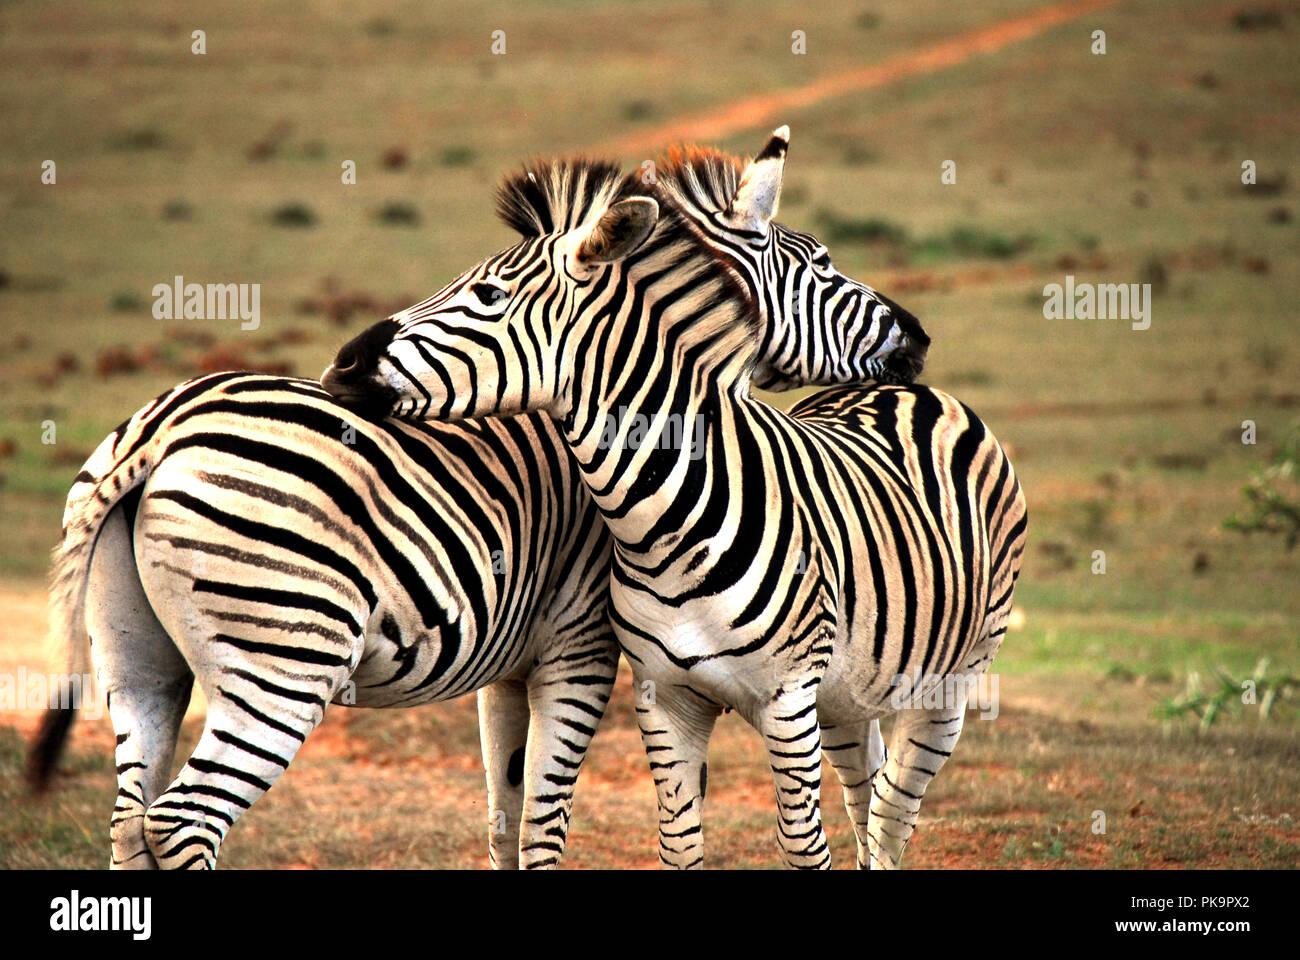 Ein Bild zum Schmunzeln. Zwei Zebras Zuneigung zeigen durch Rest ihre Köpfe auf die sterze. Ein toller Hintergrund oder Hintergrund. Stockbild